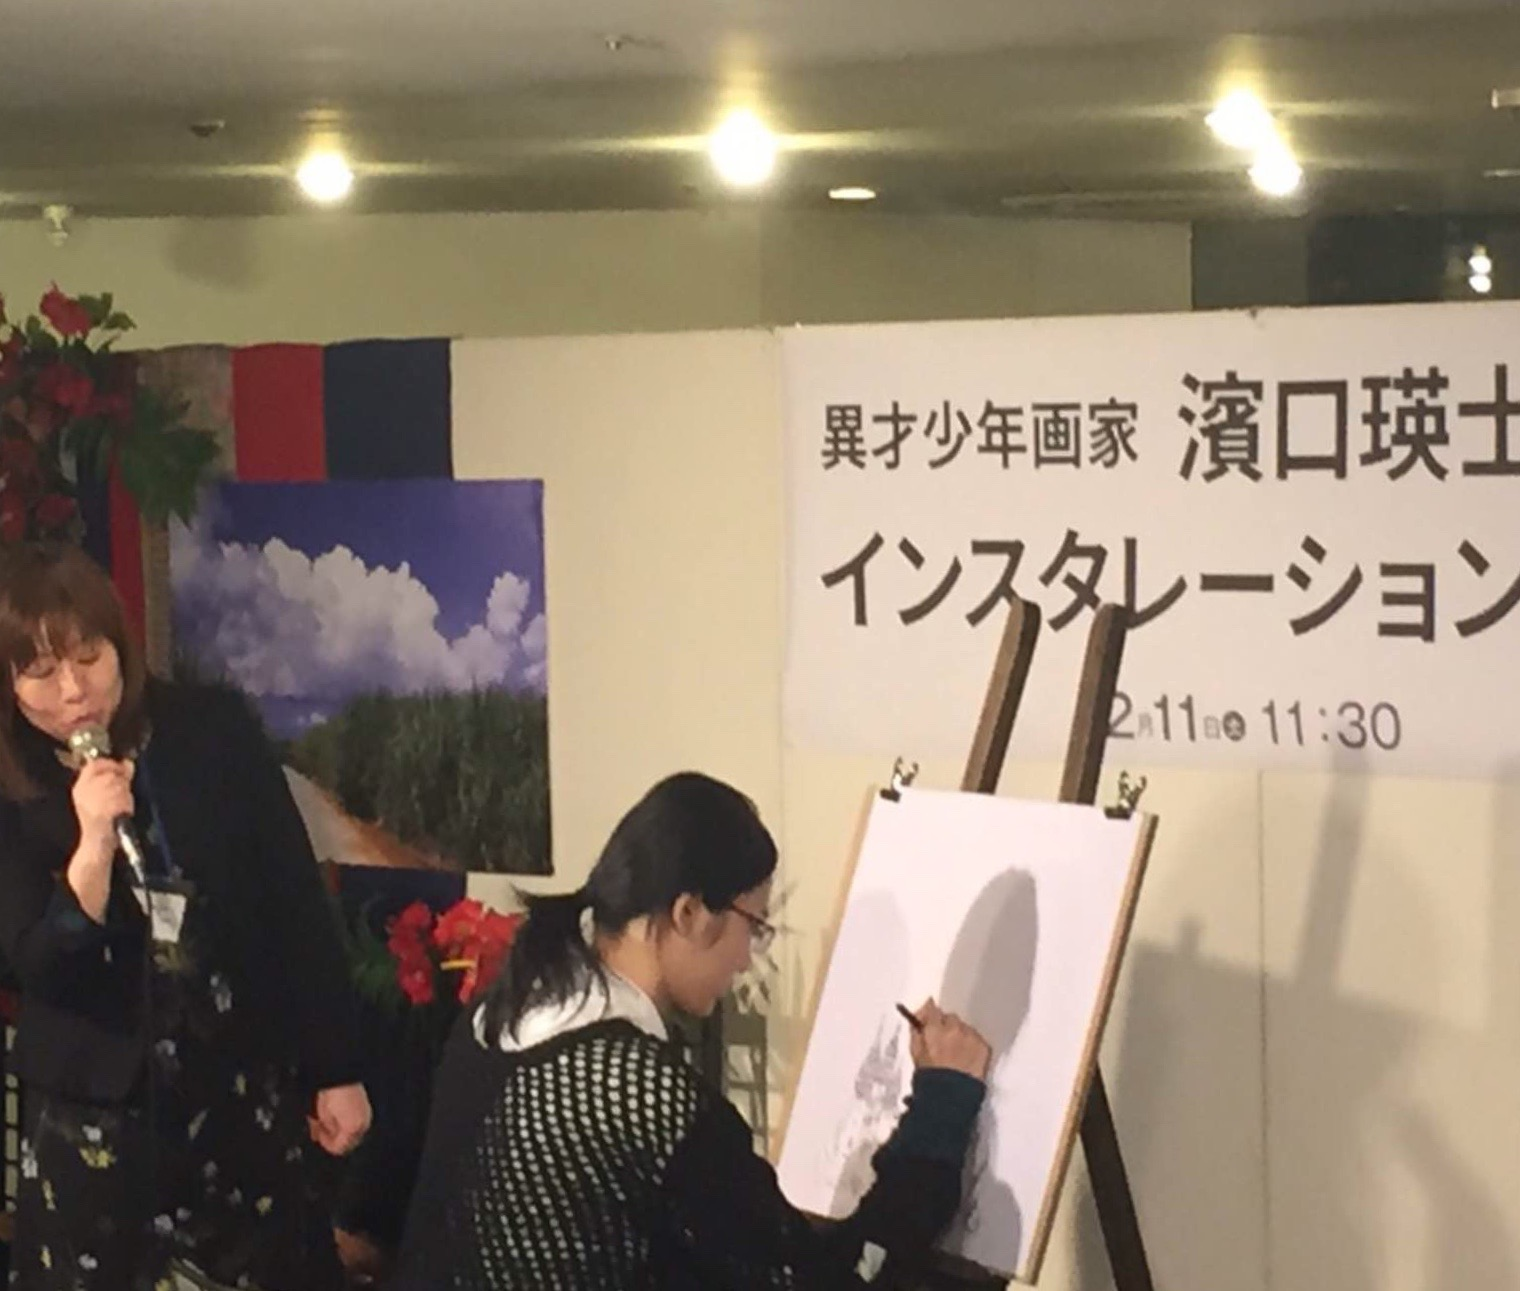 北海道・帯広市 第2回濱口瑛士絵画展のお知らせ